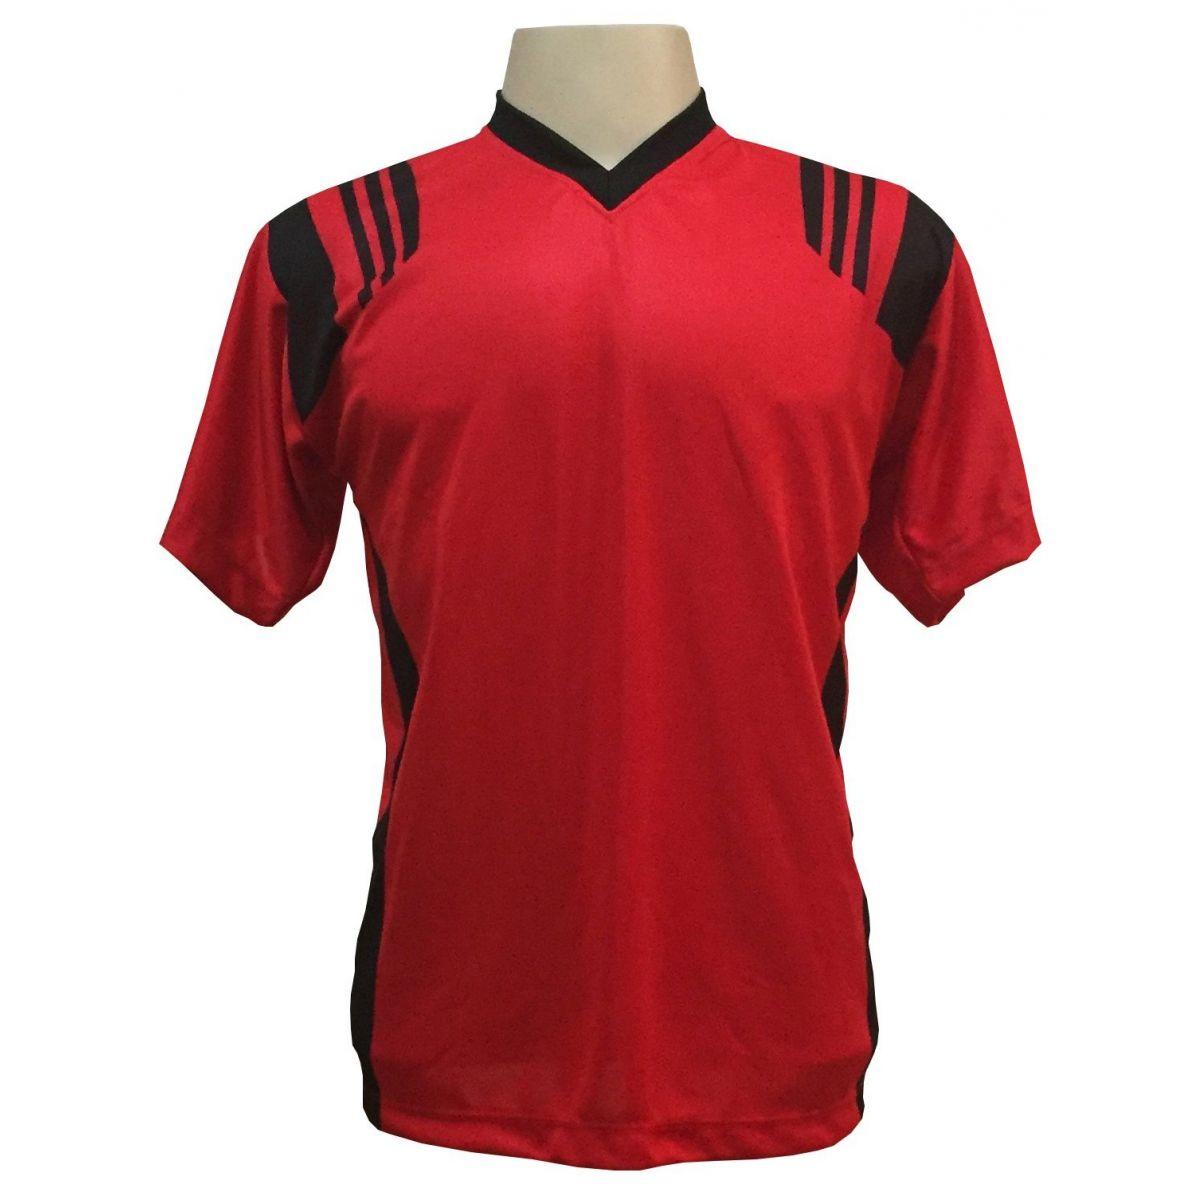 Fardamento Completo modelo Roma Vermelho/Preto 12+1 (12 camisas + 12 calções + 13 pares de meiões + 1 conjunto de goleiro) - Frete Grátis Brasil + Brindes